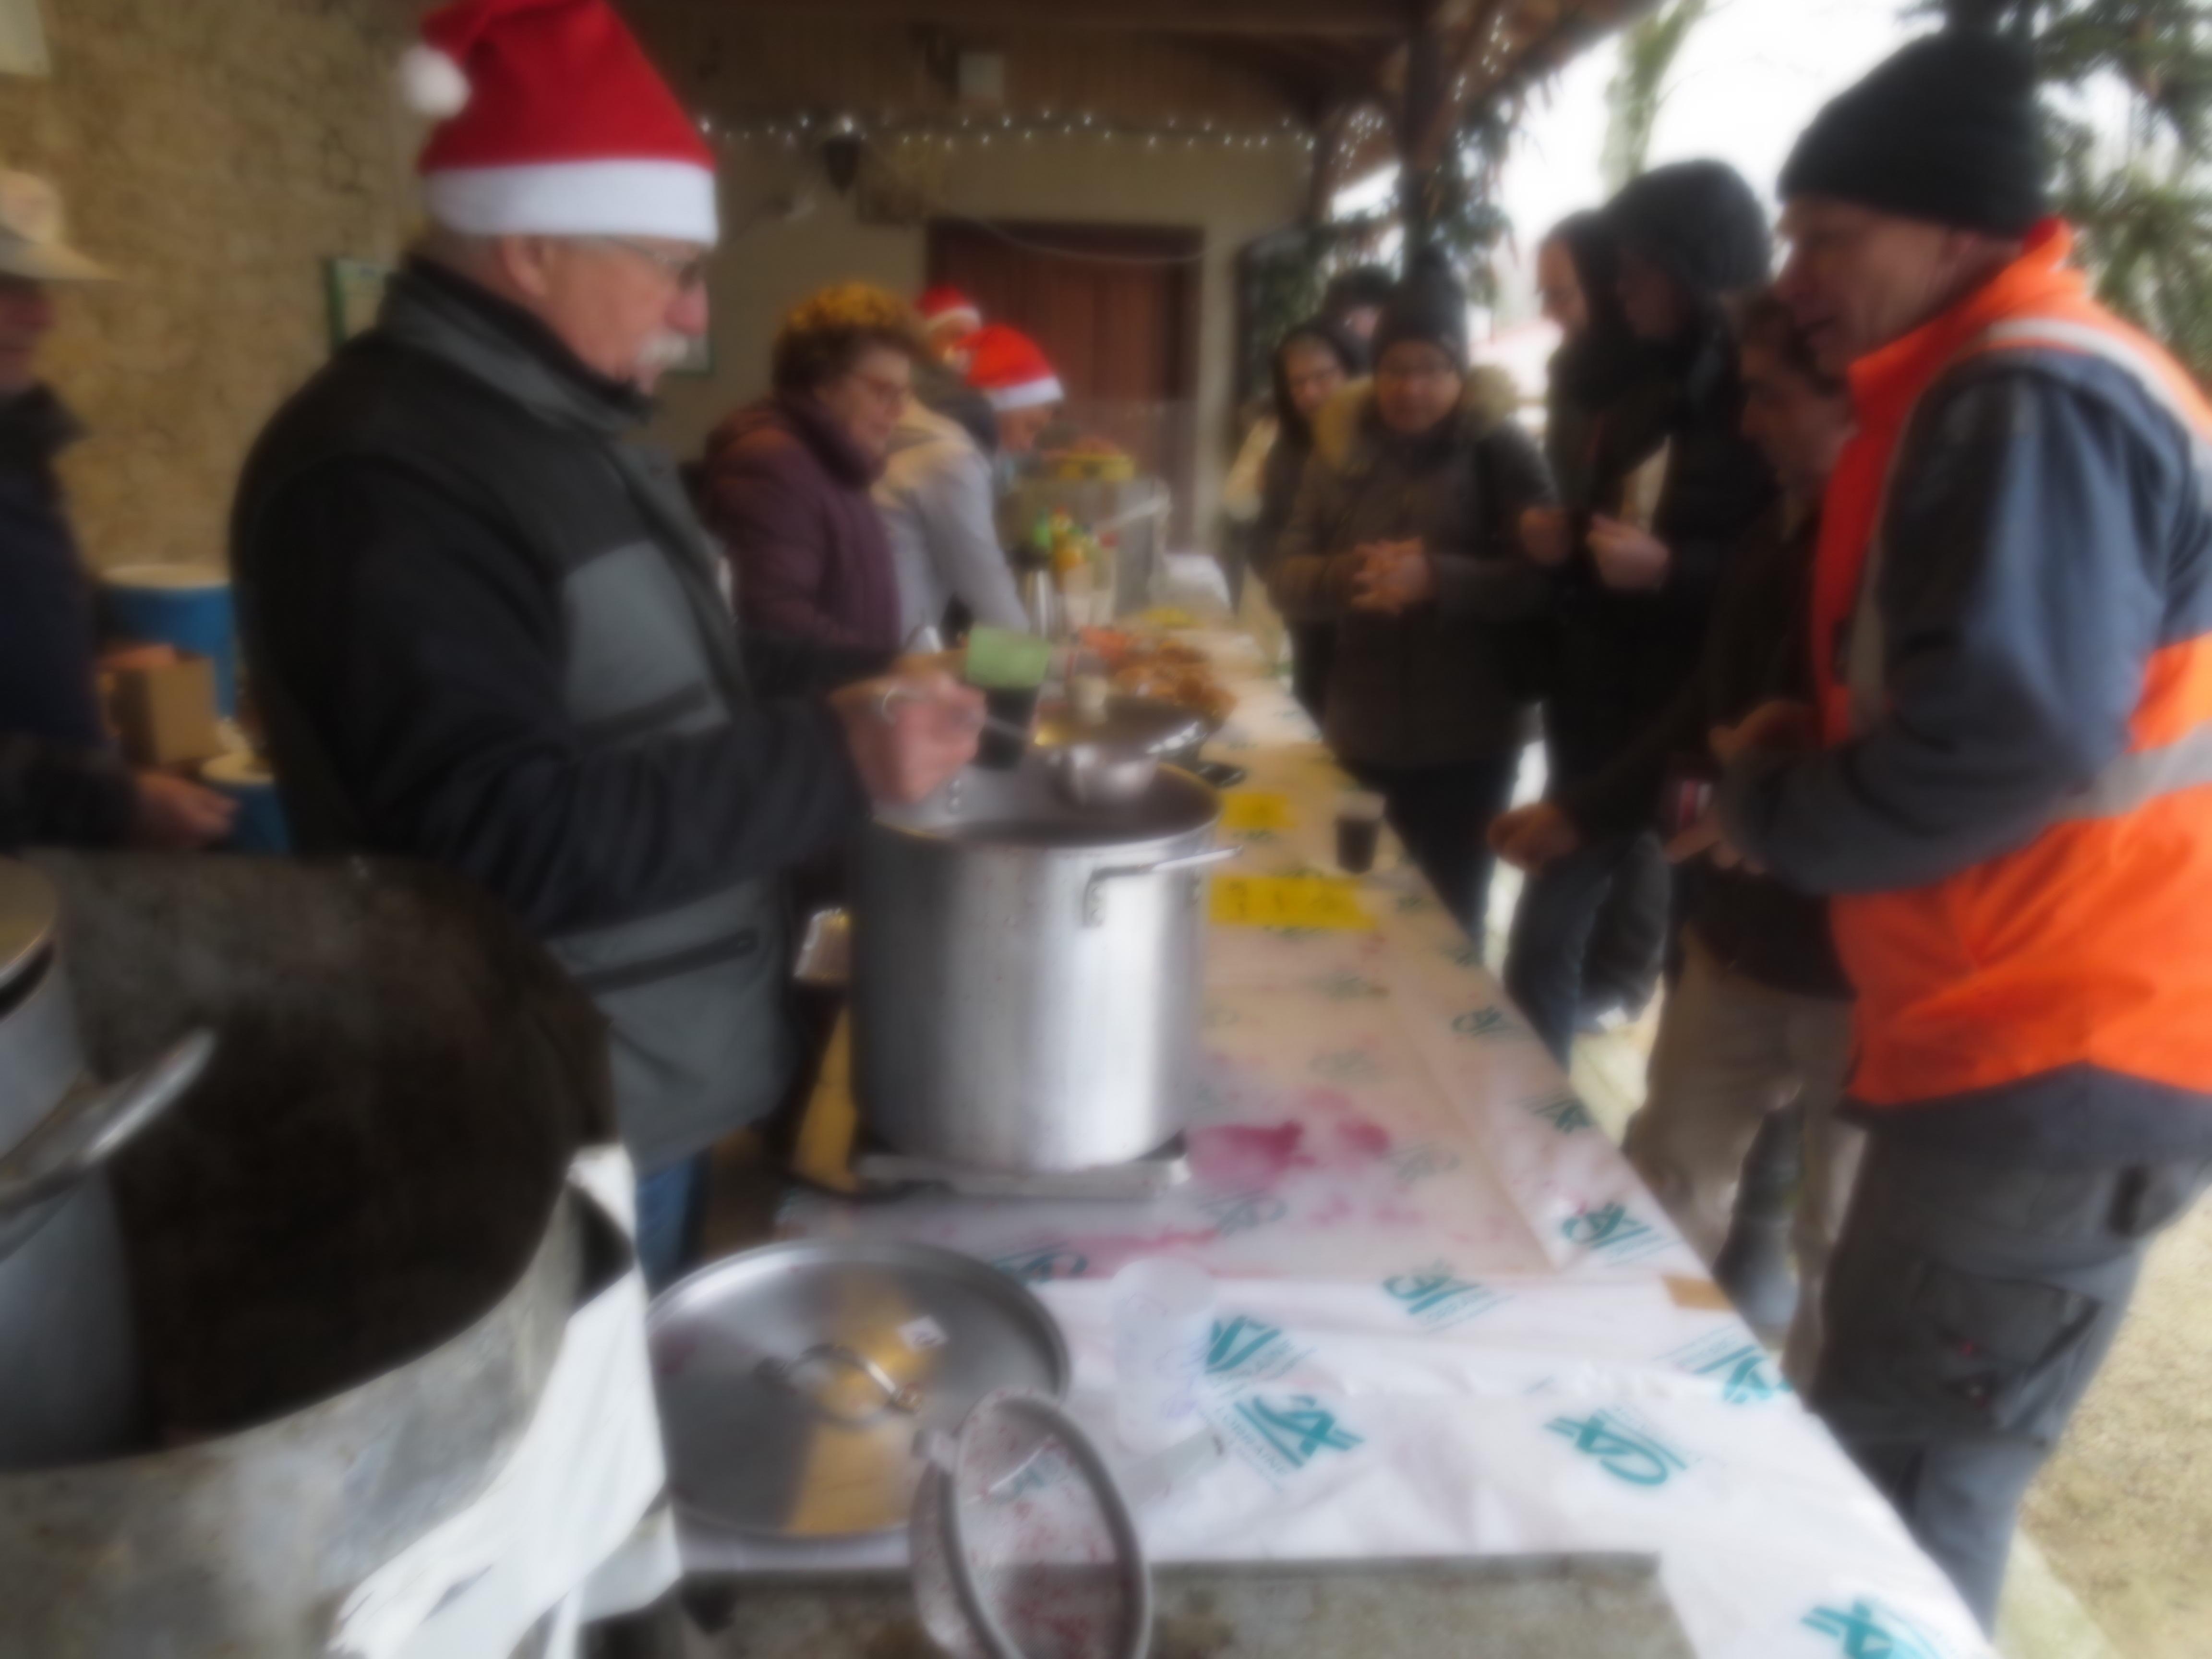 Pas de vrai marché de Noël sans l'excellent vin chaud de l'équipe du préau.